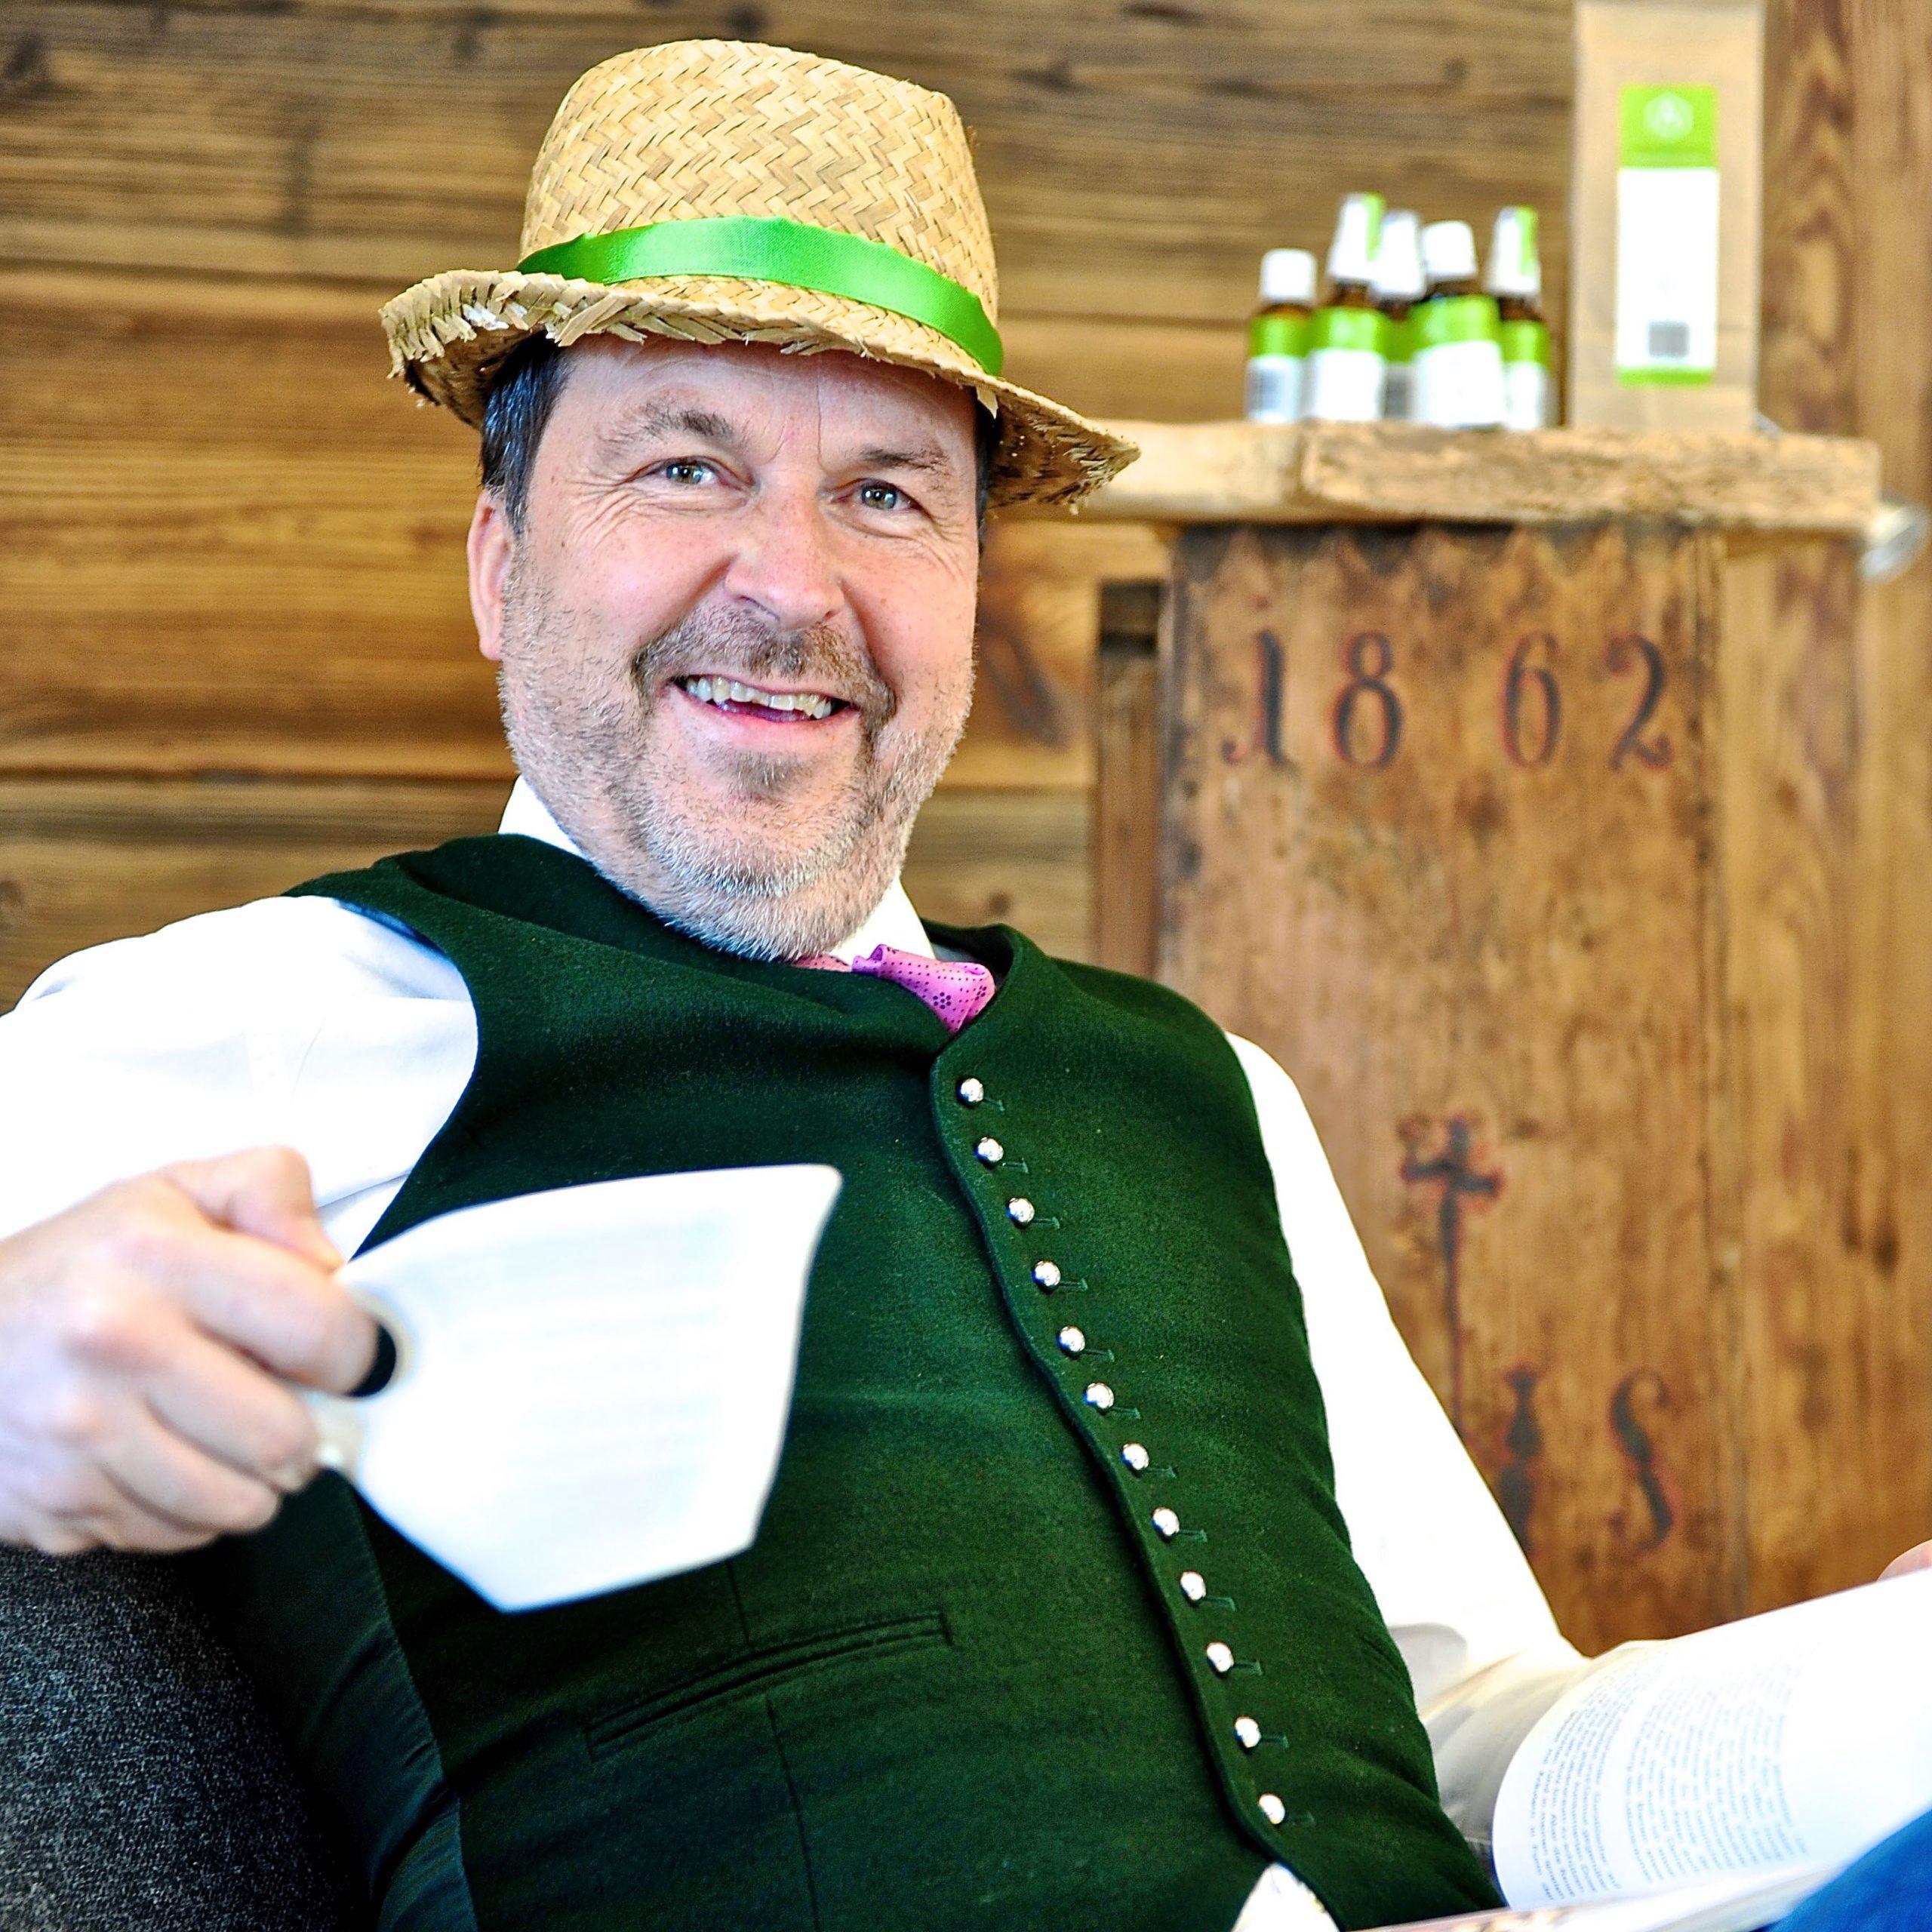 Mann in Tracht mit Hut